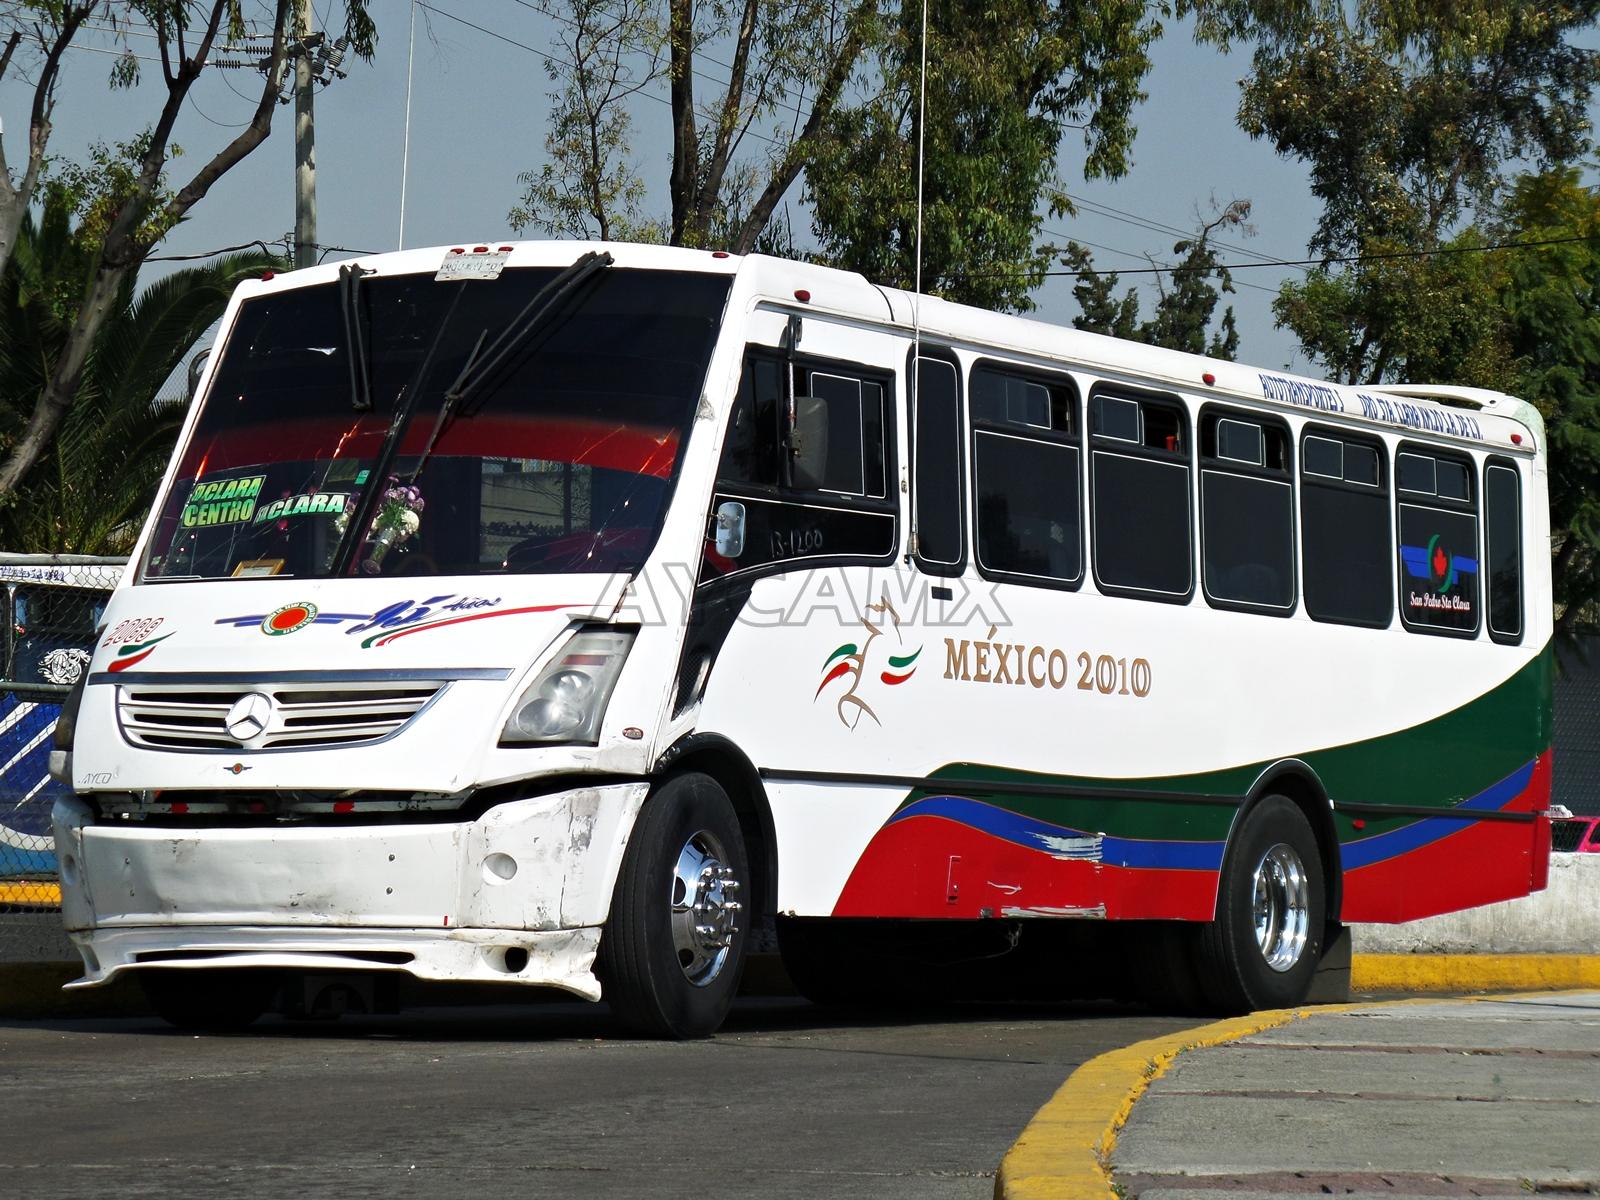 Aycamx autobuses y camiones m xico camiones estado de for Mercedes benz san pedro